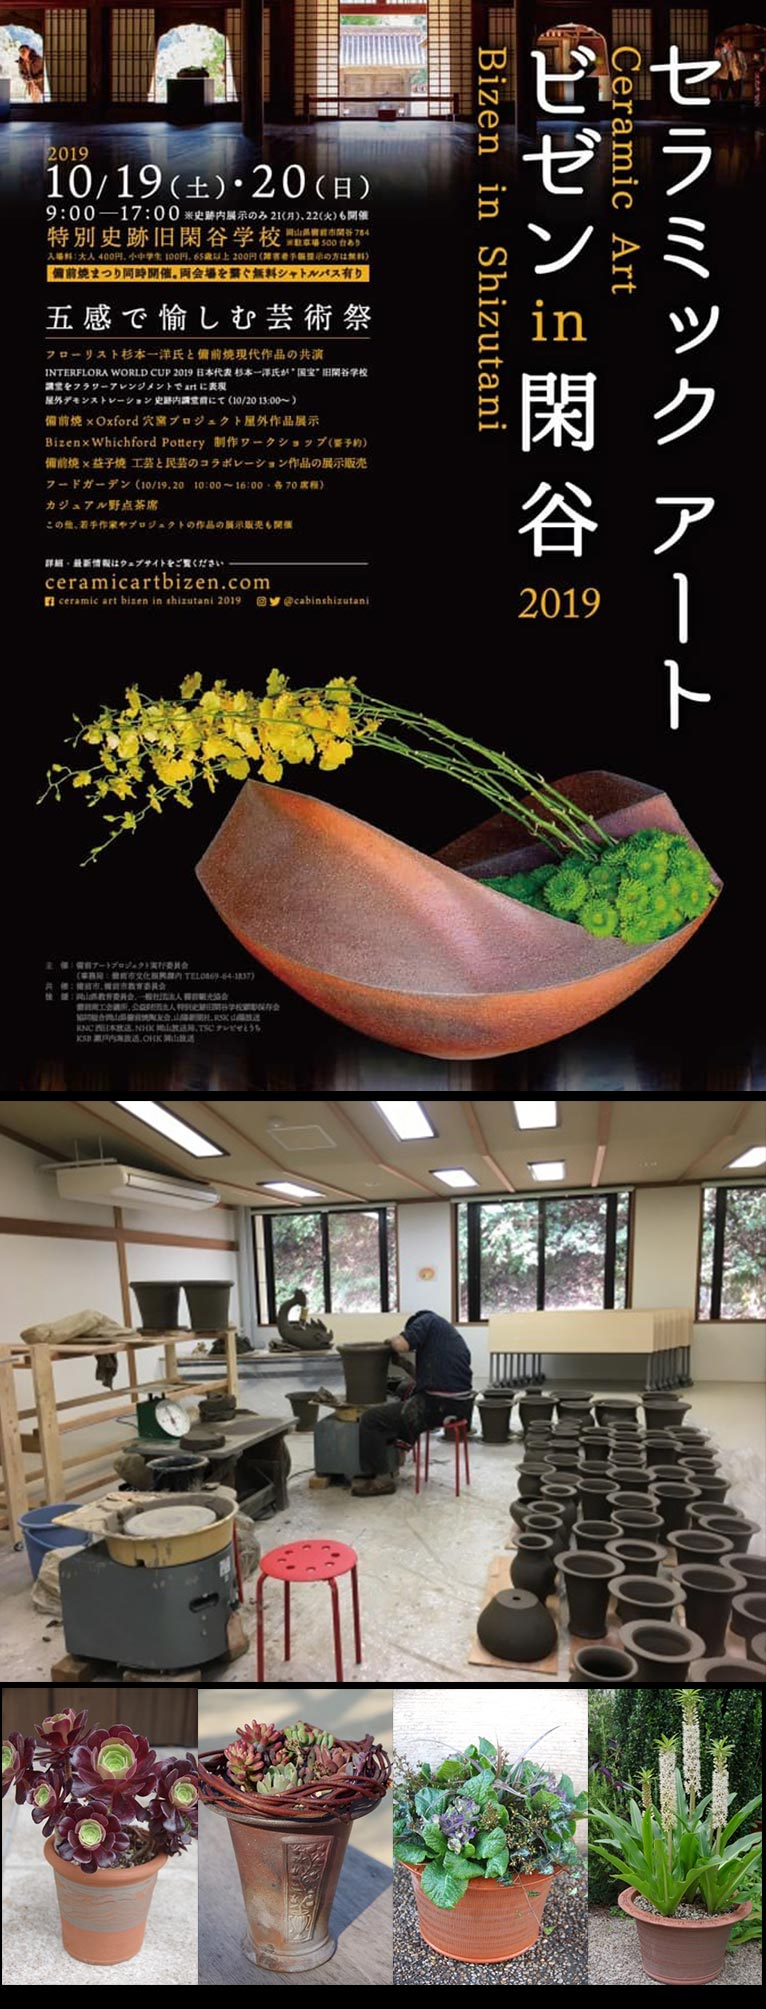 2019年10月19・20日 セラミックアートビゼンin閑谷 Bizen×Whichford ワークショップのお知らせCeramic Art  Bizen in Shizutani